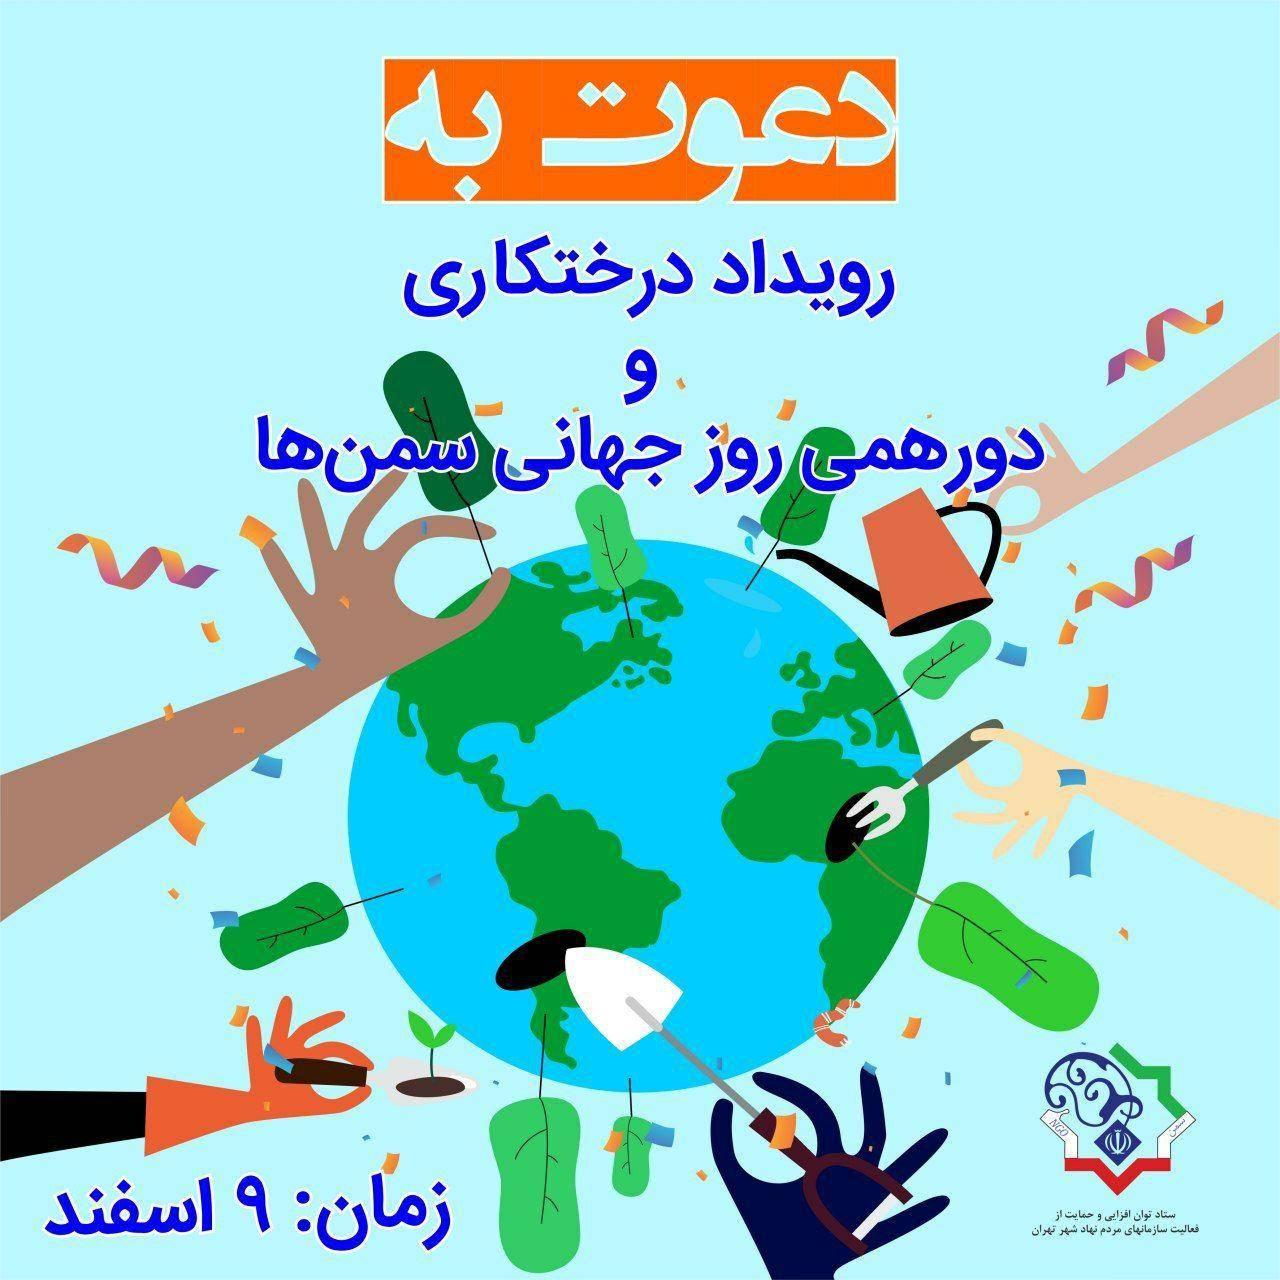 دعوت به شرکت در رویداد درختکاری و روز جهانی سمنها